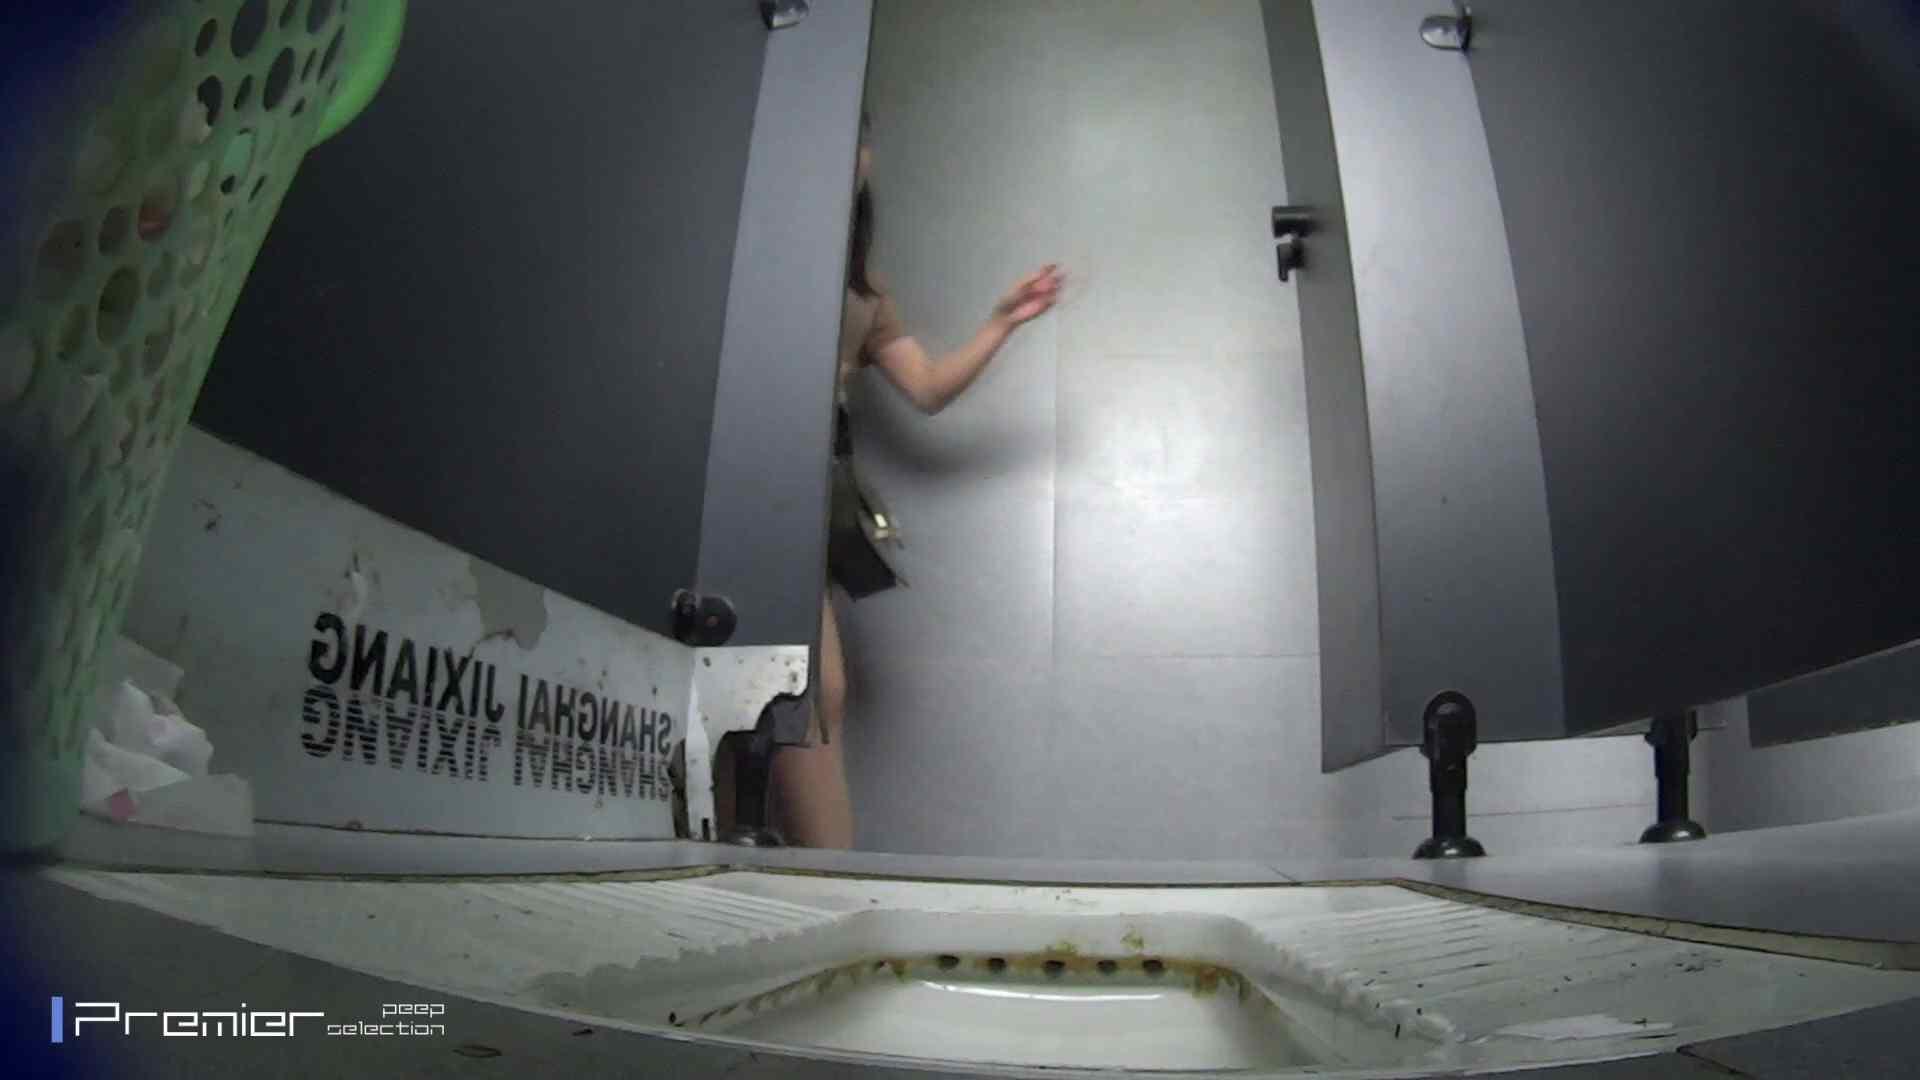 無料アダルト動画:おまたの下から覗く顔 大学休憩時間の洗面所事情43:怪盗ジョーカー